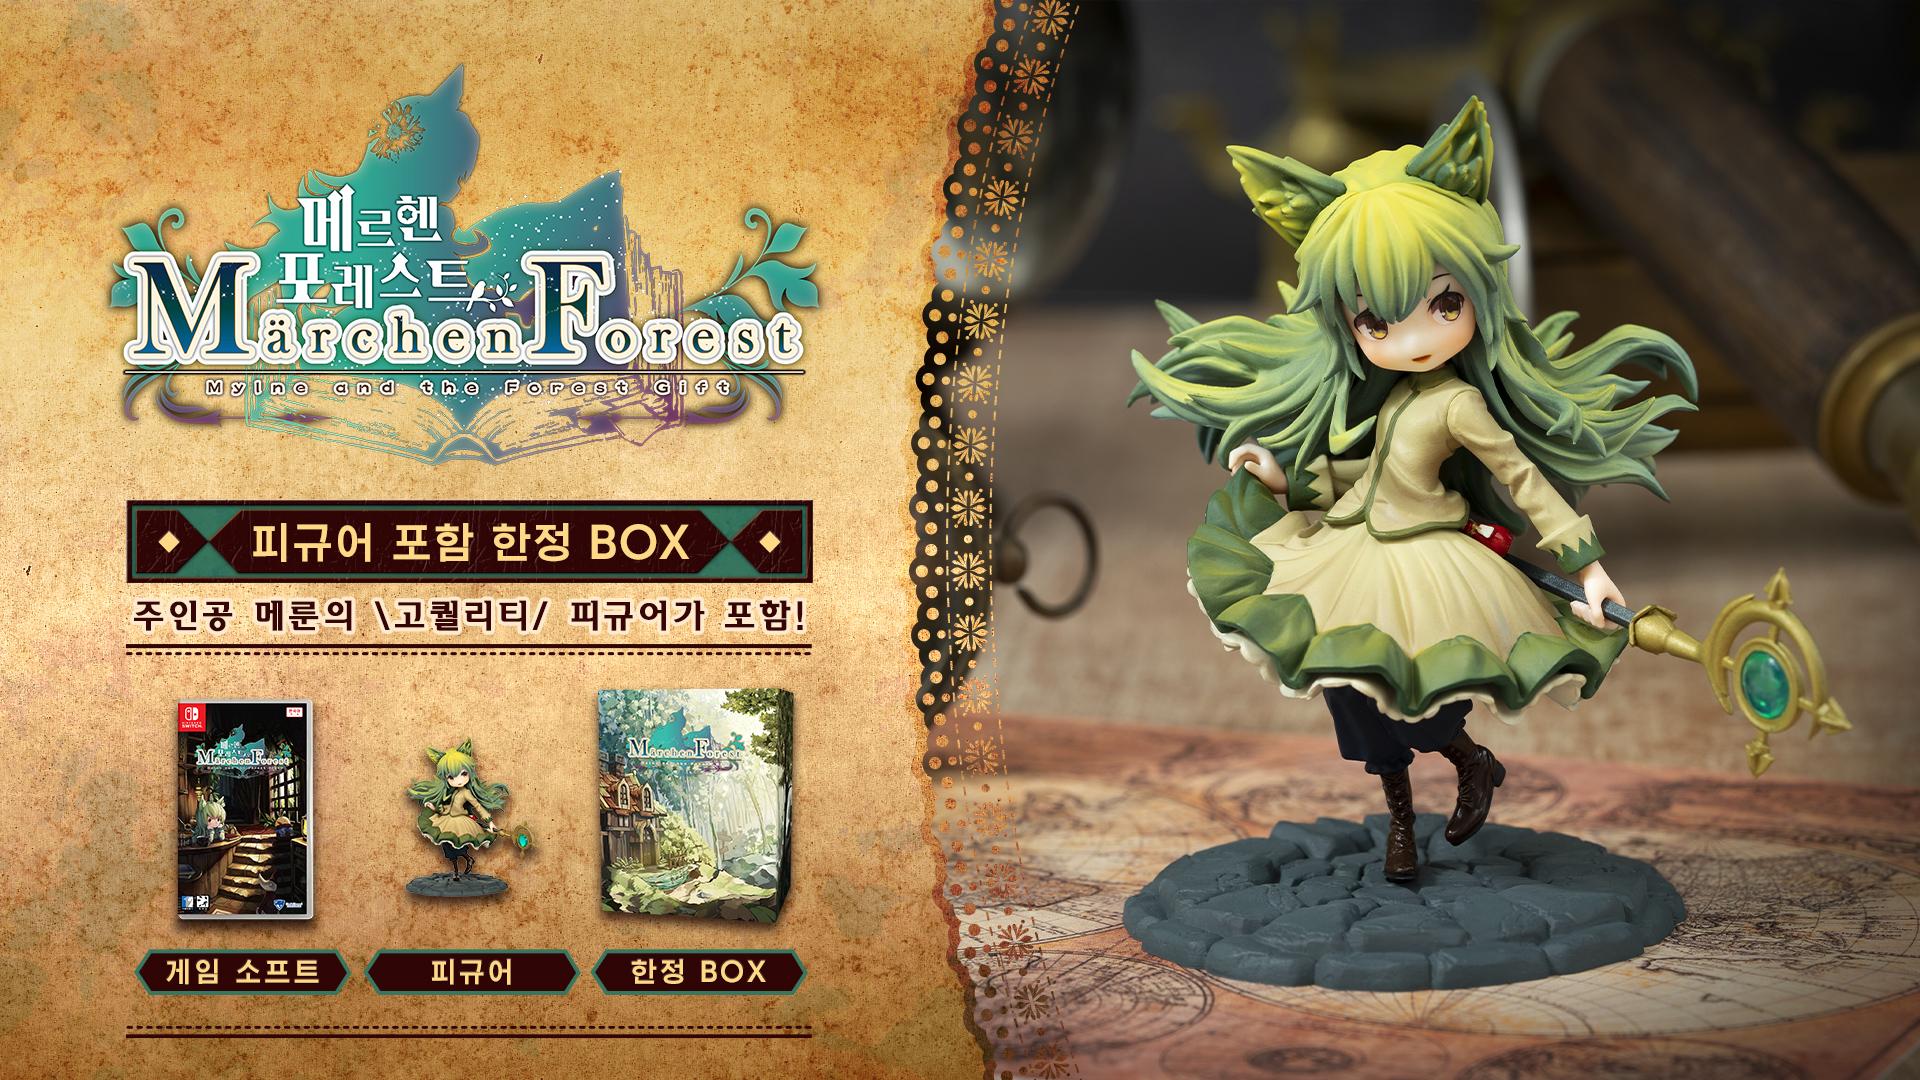 《童话森林》1月28日全球同步发售 NS版封面公开截图